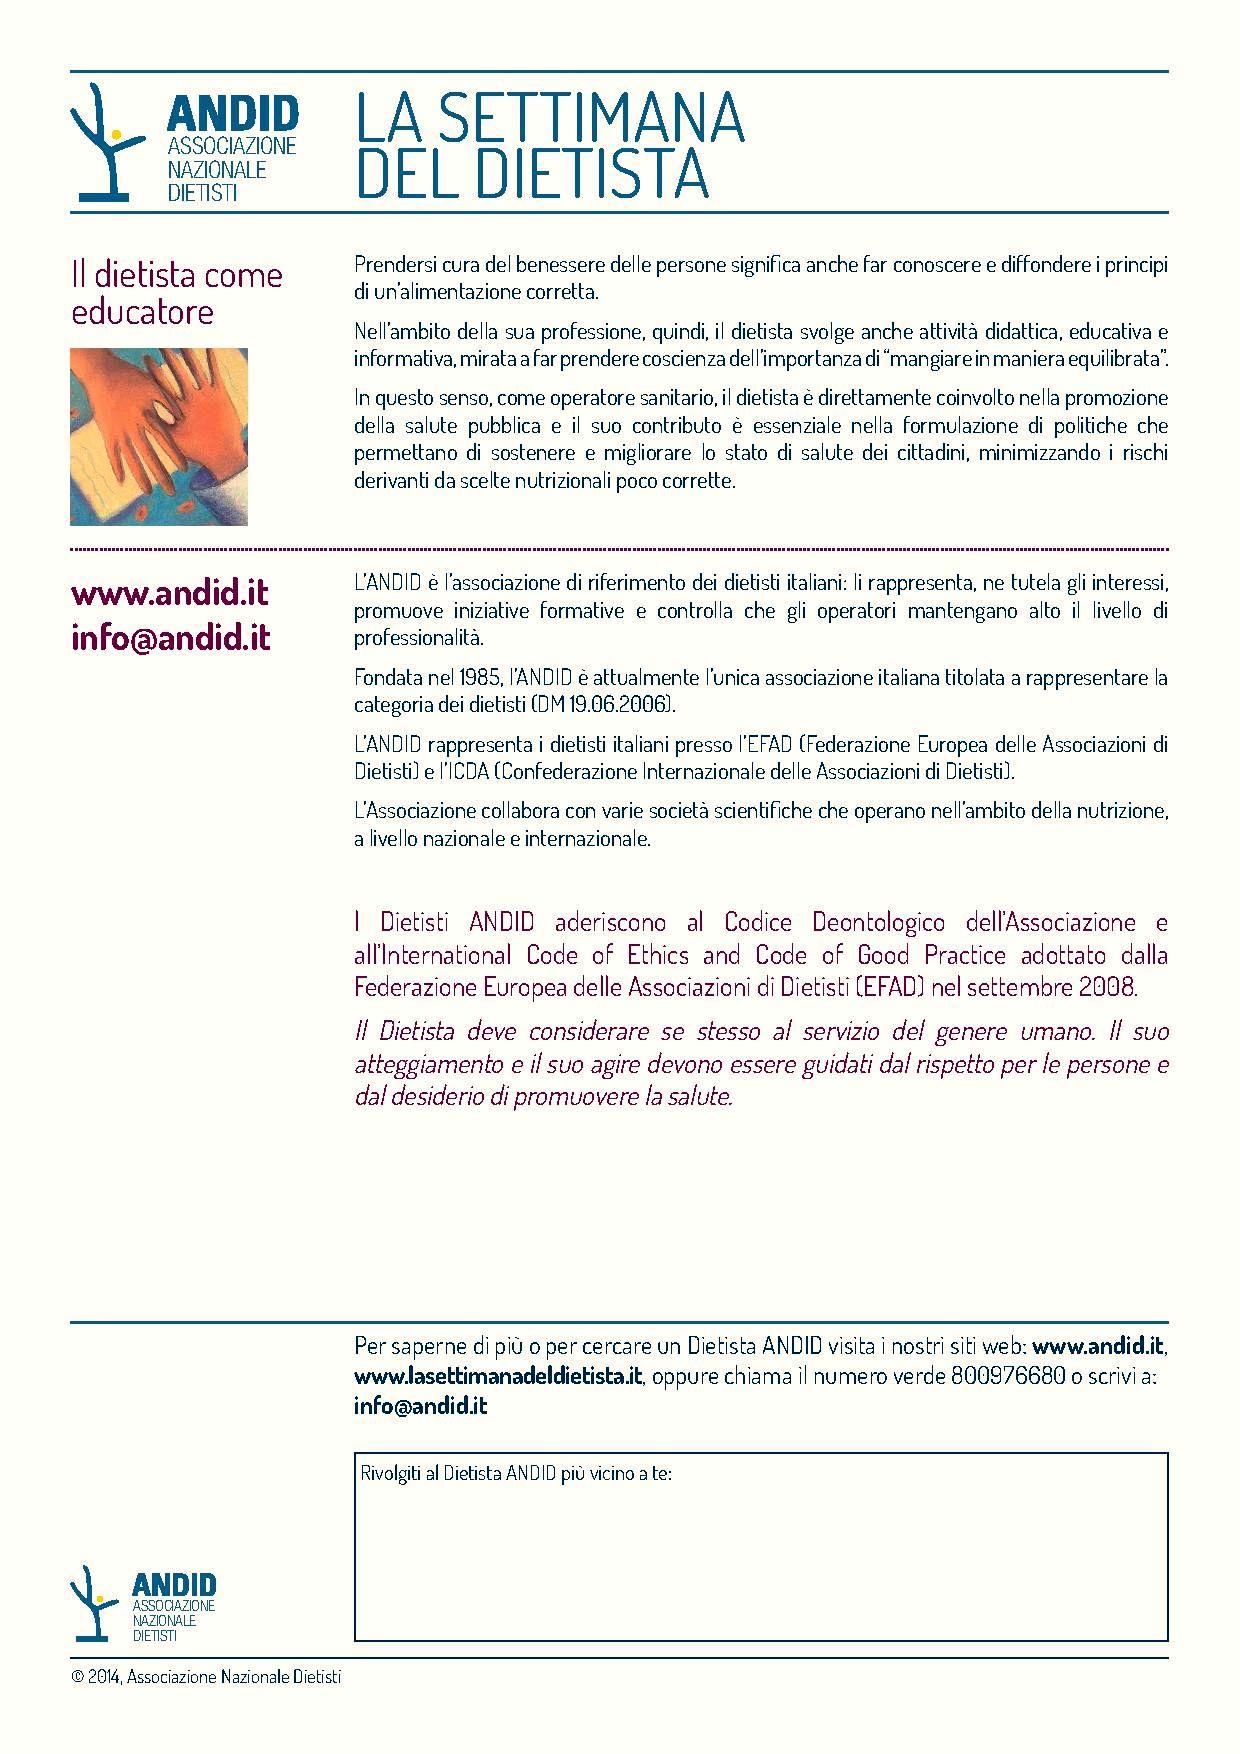 IL-DIETISTA-UN-PROFESSIONISTA-PER-LA-SALUTE